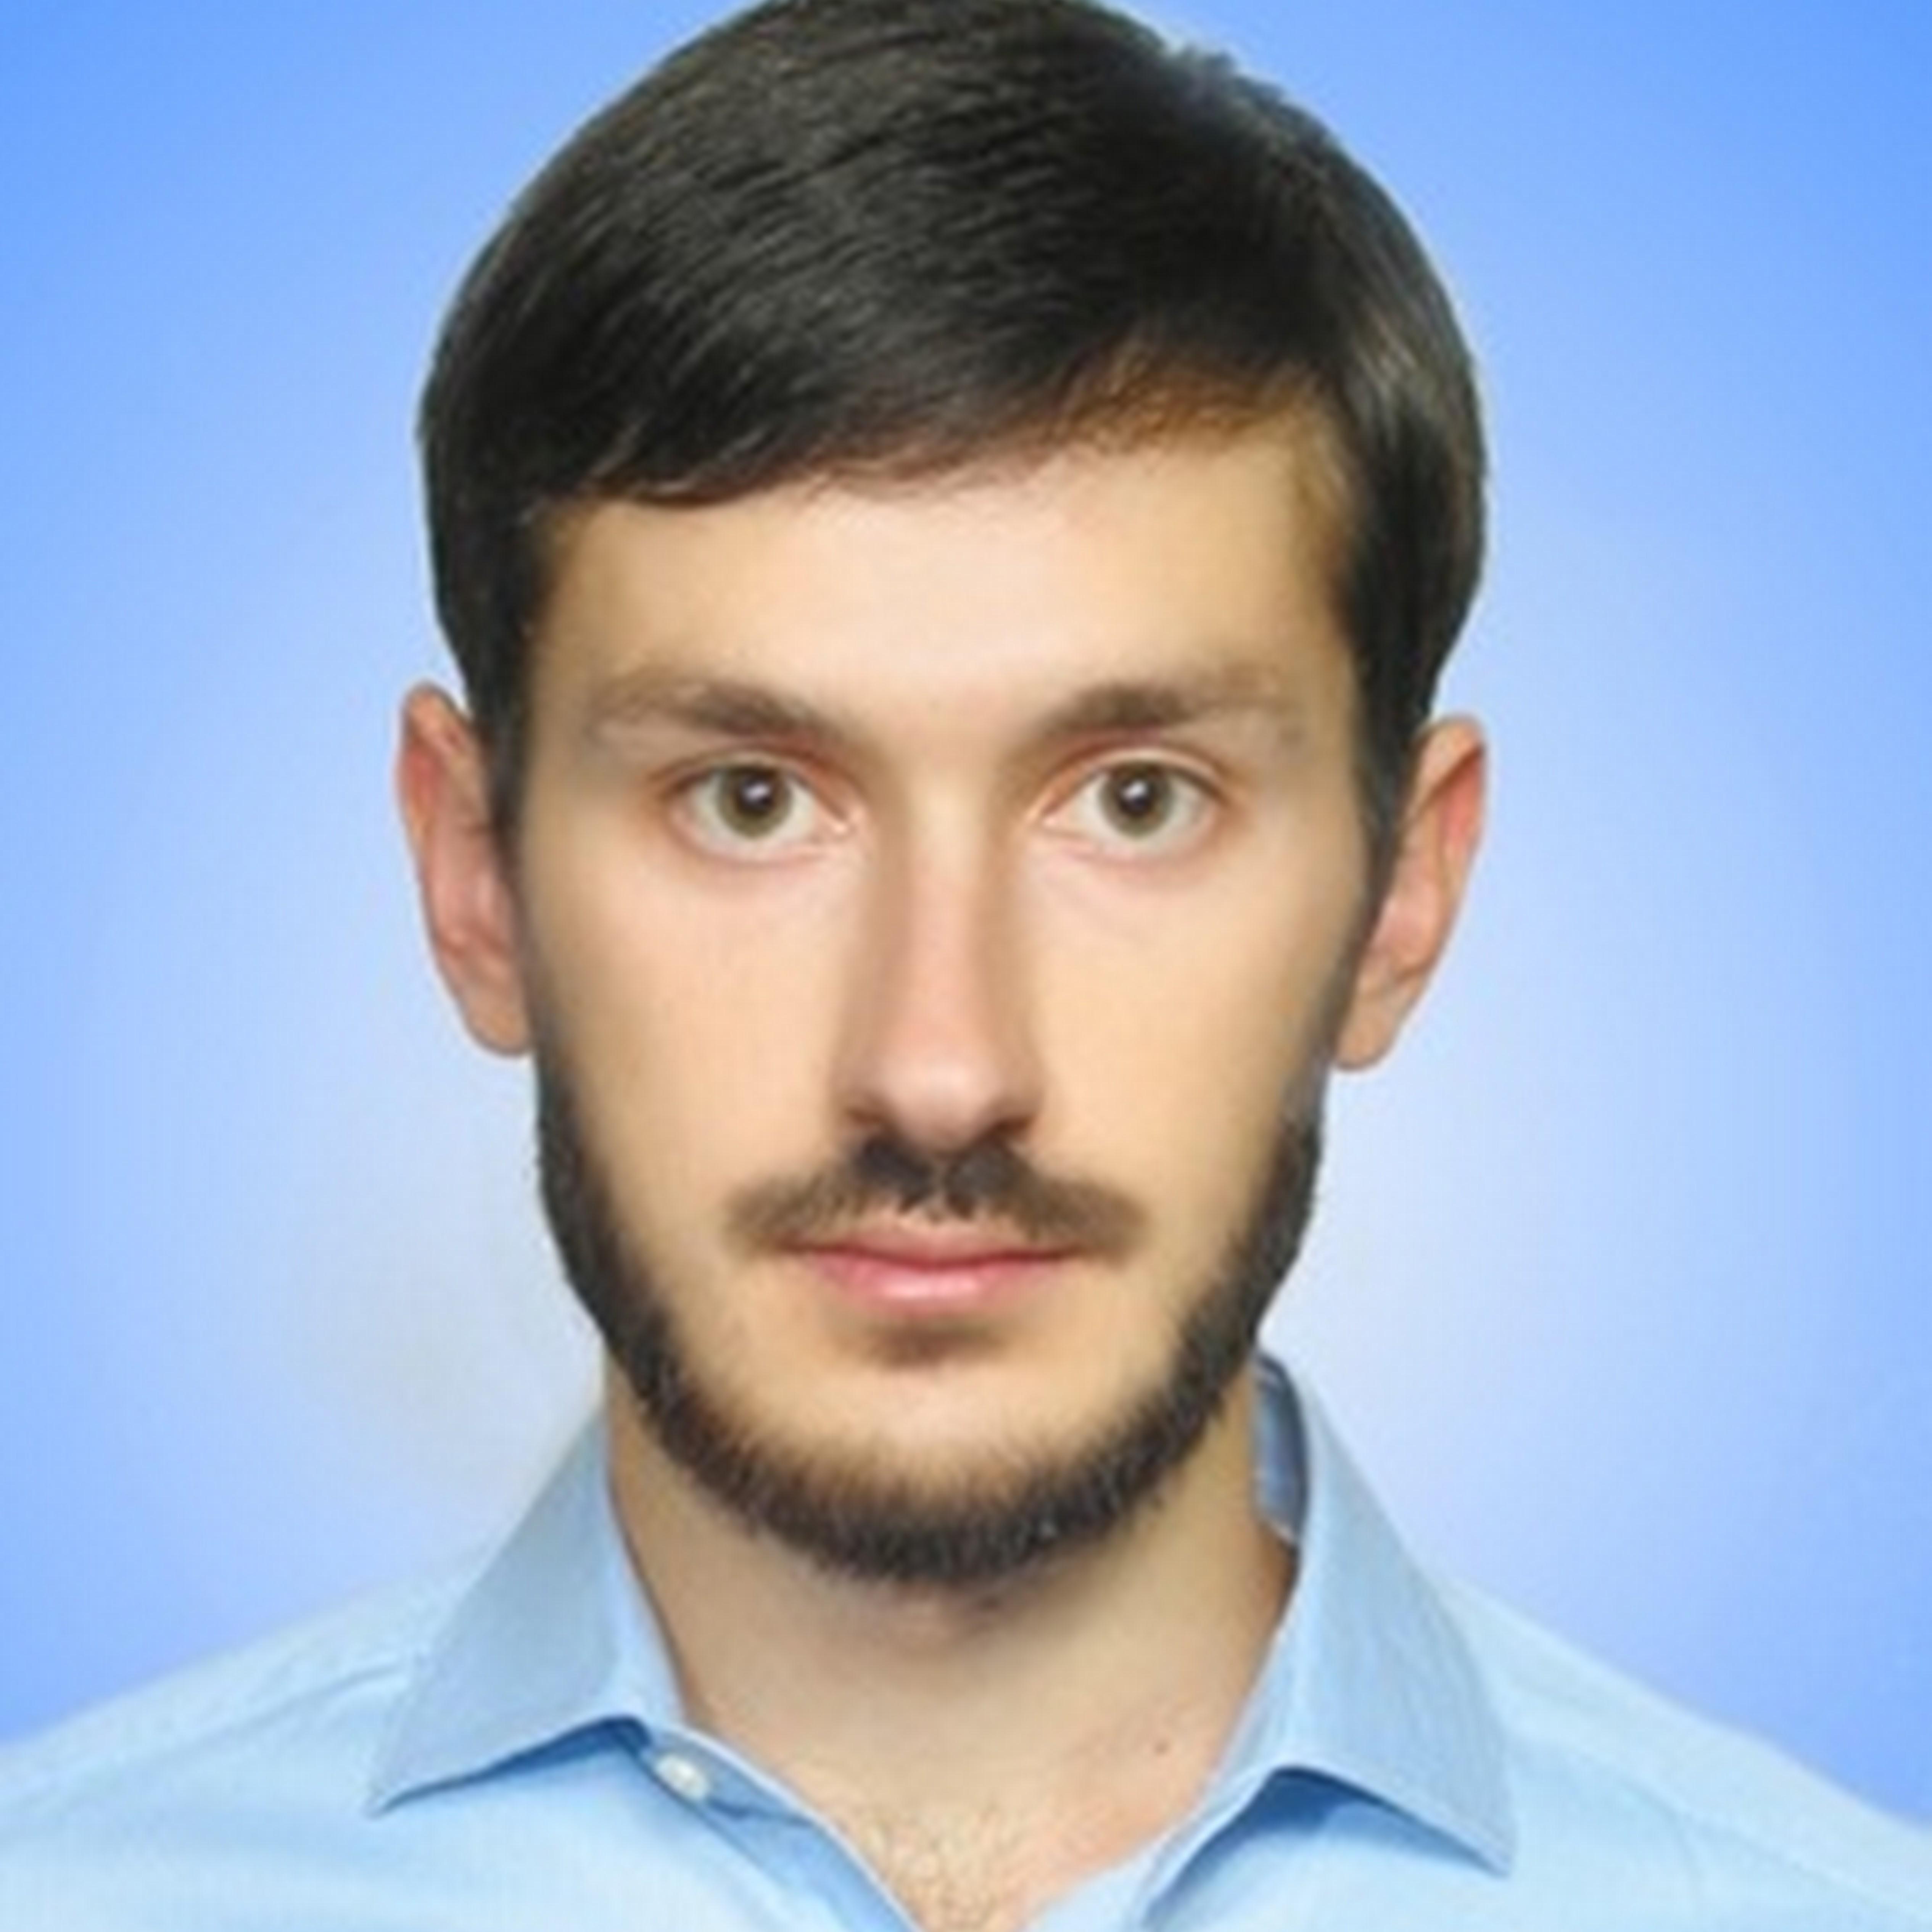 Bogdan_m